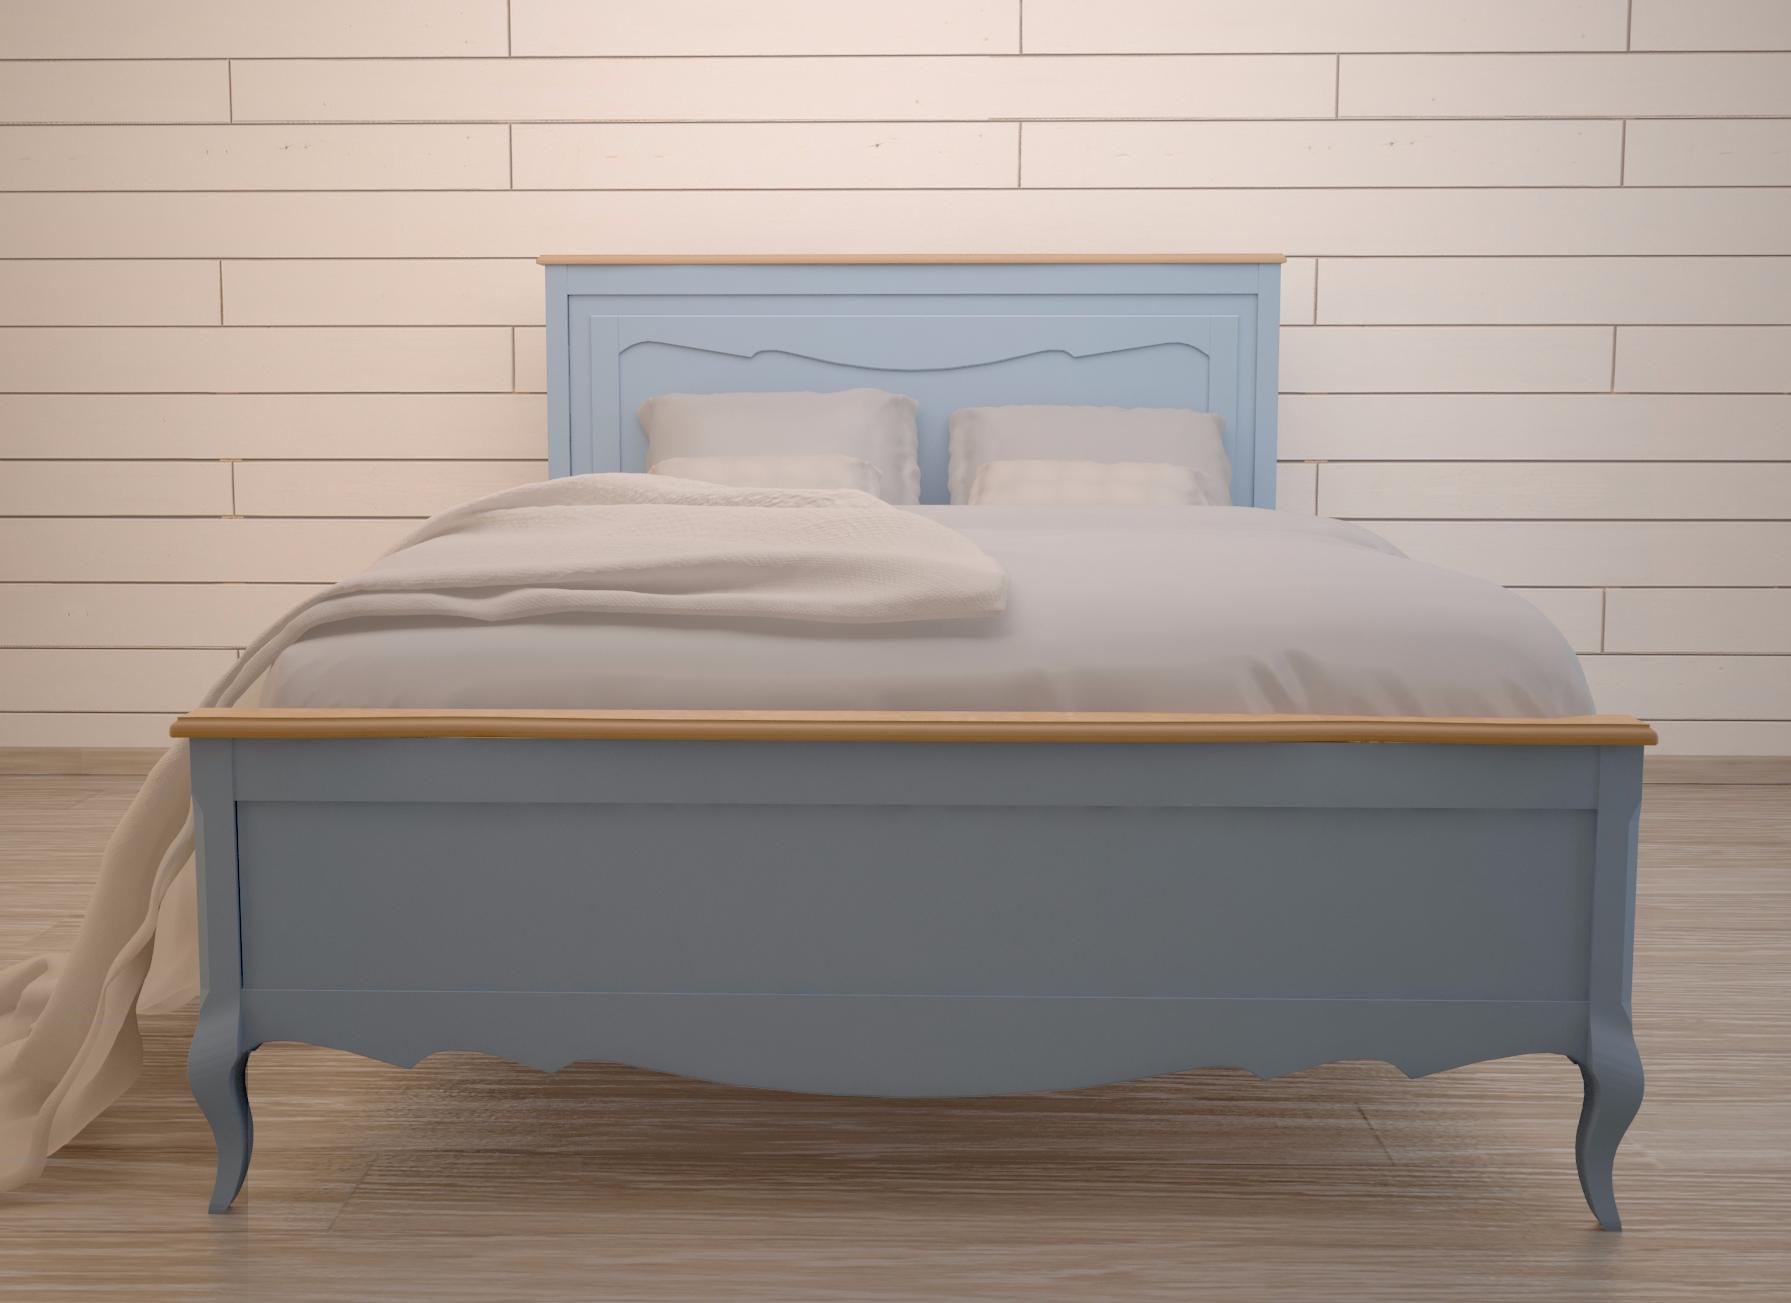 Двуспальная кровать LeontinaДеревянные кровати<br>Материал: массив березы, массив ясеня.&amp;lt;div&amp;gt;Размер матраса: 180х200 см.&amp;lt;br&amp;gt;&amp;lt;/div&amp;gt;<br><br>Material: Береза<br>Width см: 180<br>Depth см: 200<br>Height см: 120